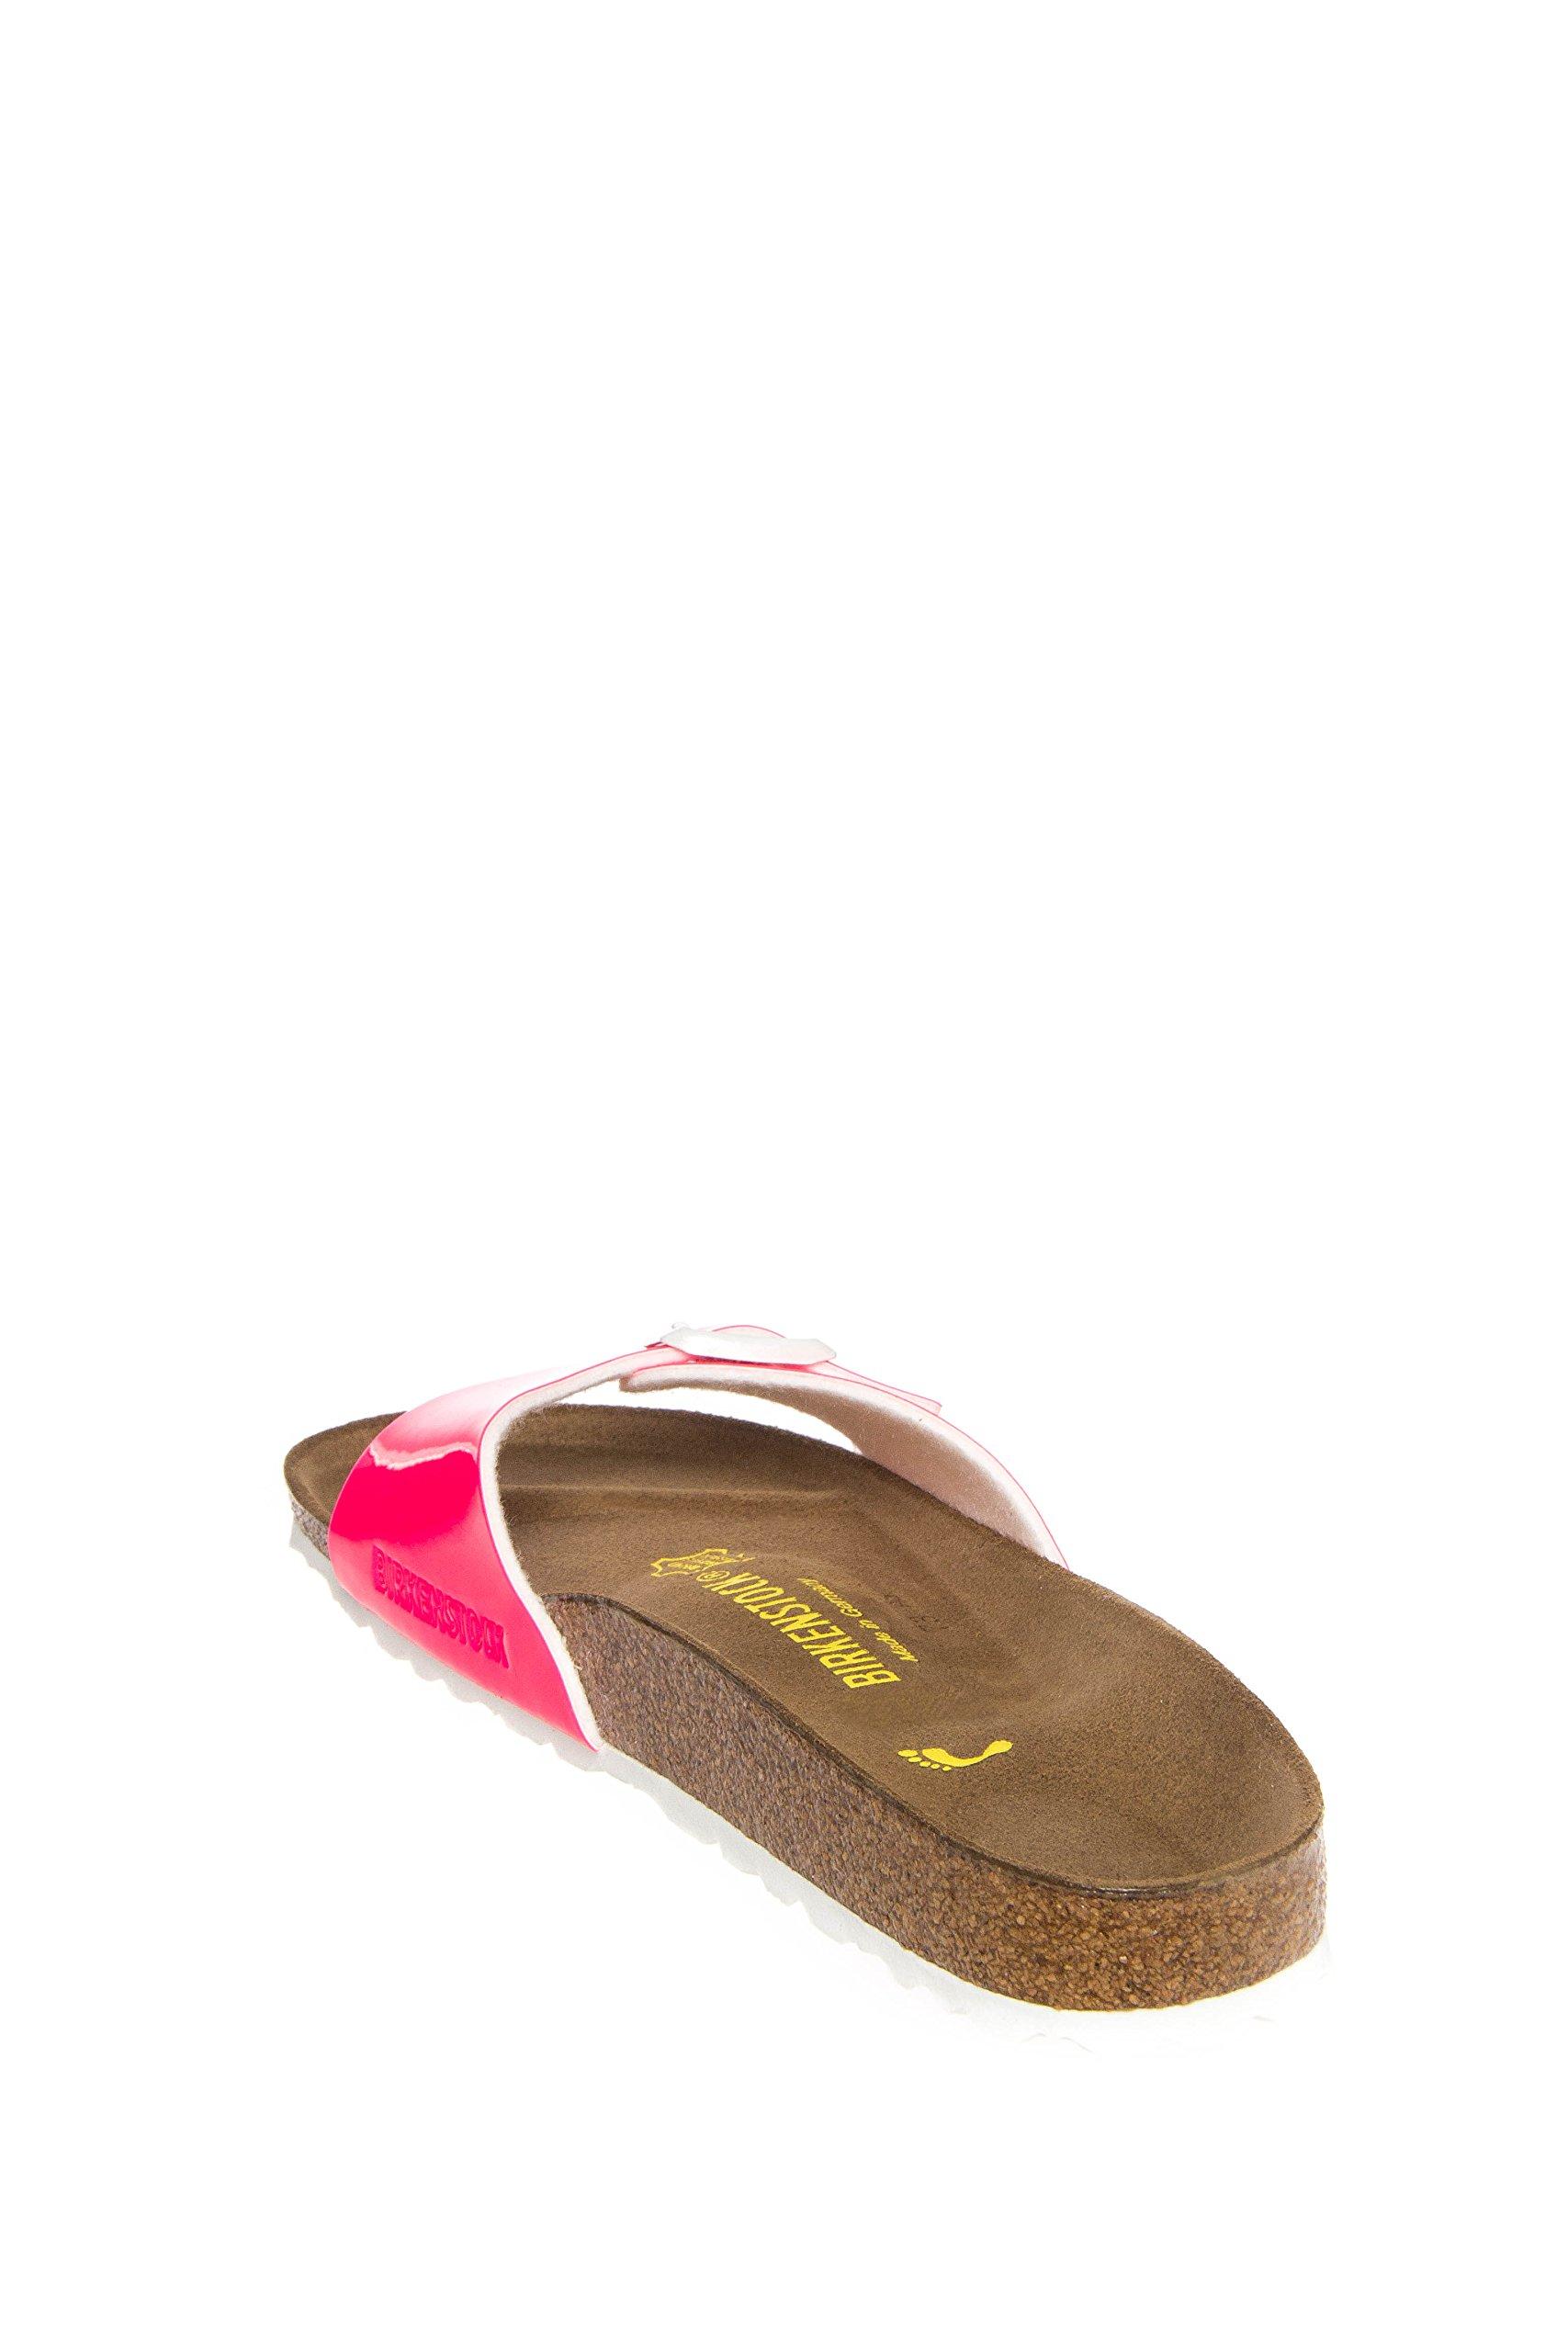 137dbda92d982a Galleon - Birkenstock Women s Madrid Neon Pink Patent Birko-Flor 39 N